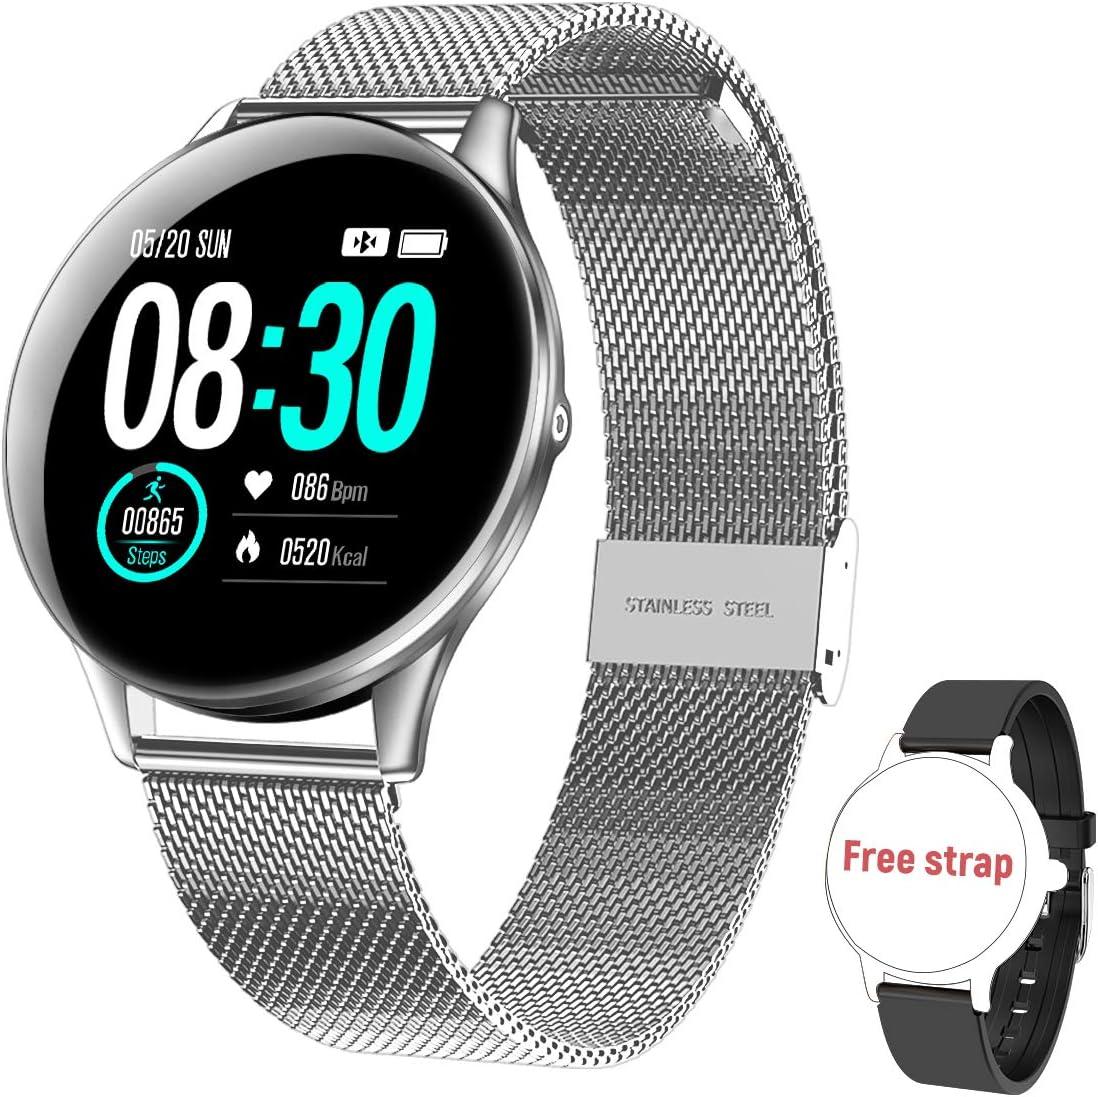 Reloj Inteligente para Mujer y Hombre HopoFit, Smartwatch de Android iOS Phone con monitoreo de frecuencia cardíaca/sueño, Seguimiento de Actividad física, IP67 Reloj Impermeable.(Silver)